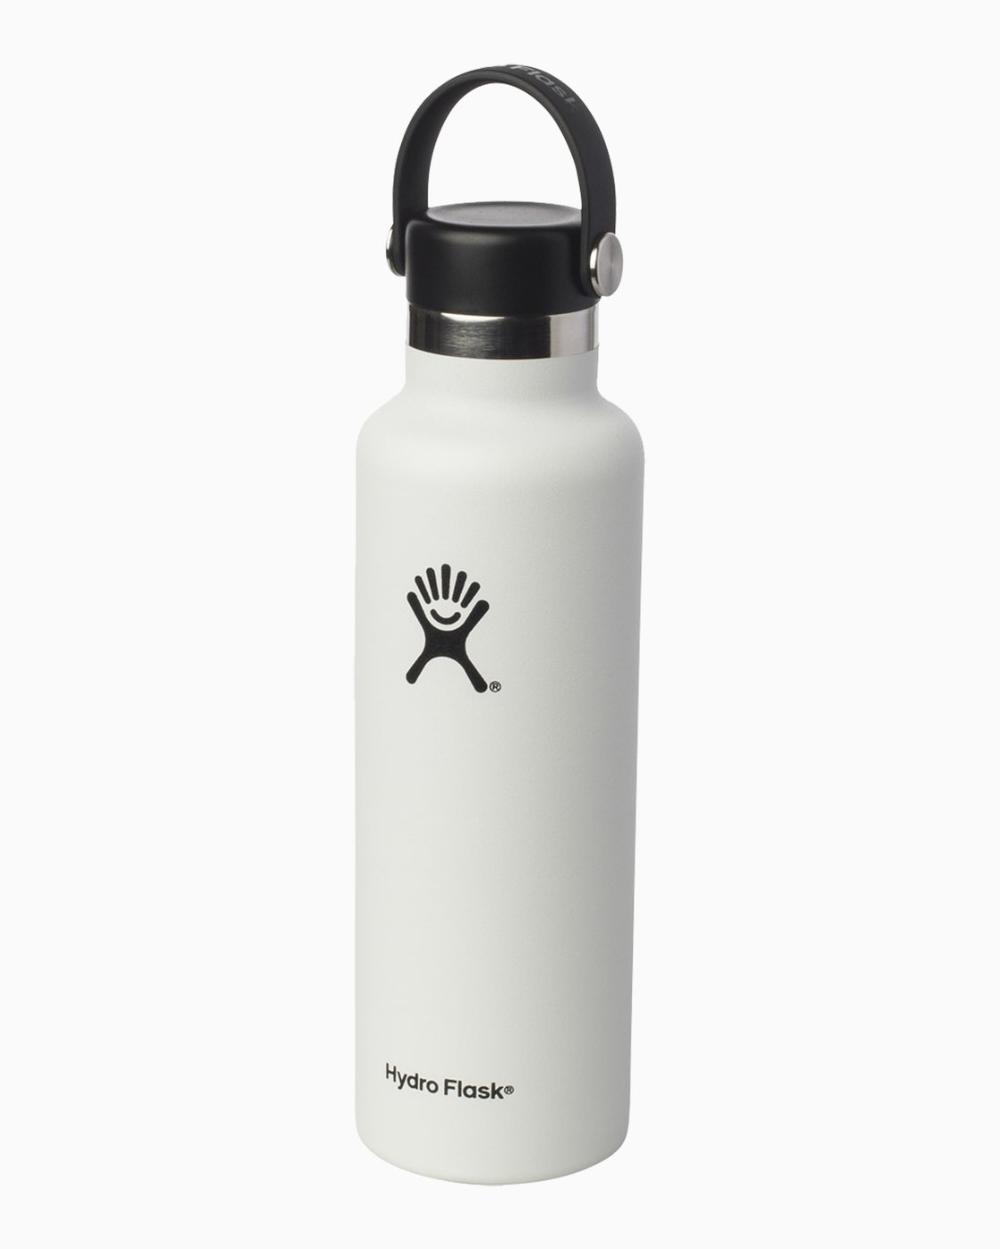 Hydroflask 21 Oz Water Bottle Uxamcrhf Hydroflask Bottle Water Bottle